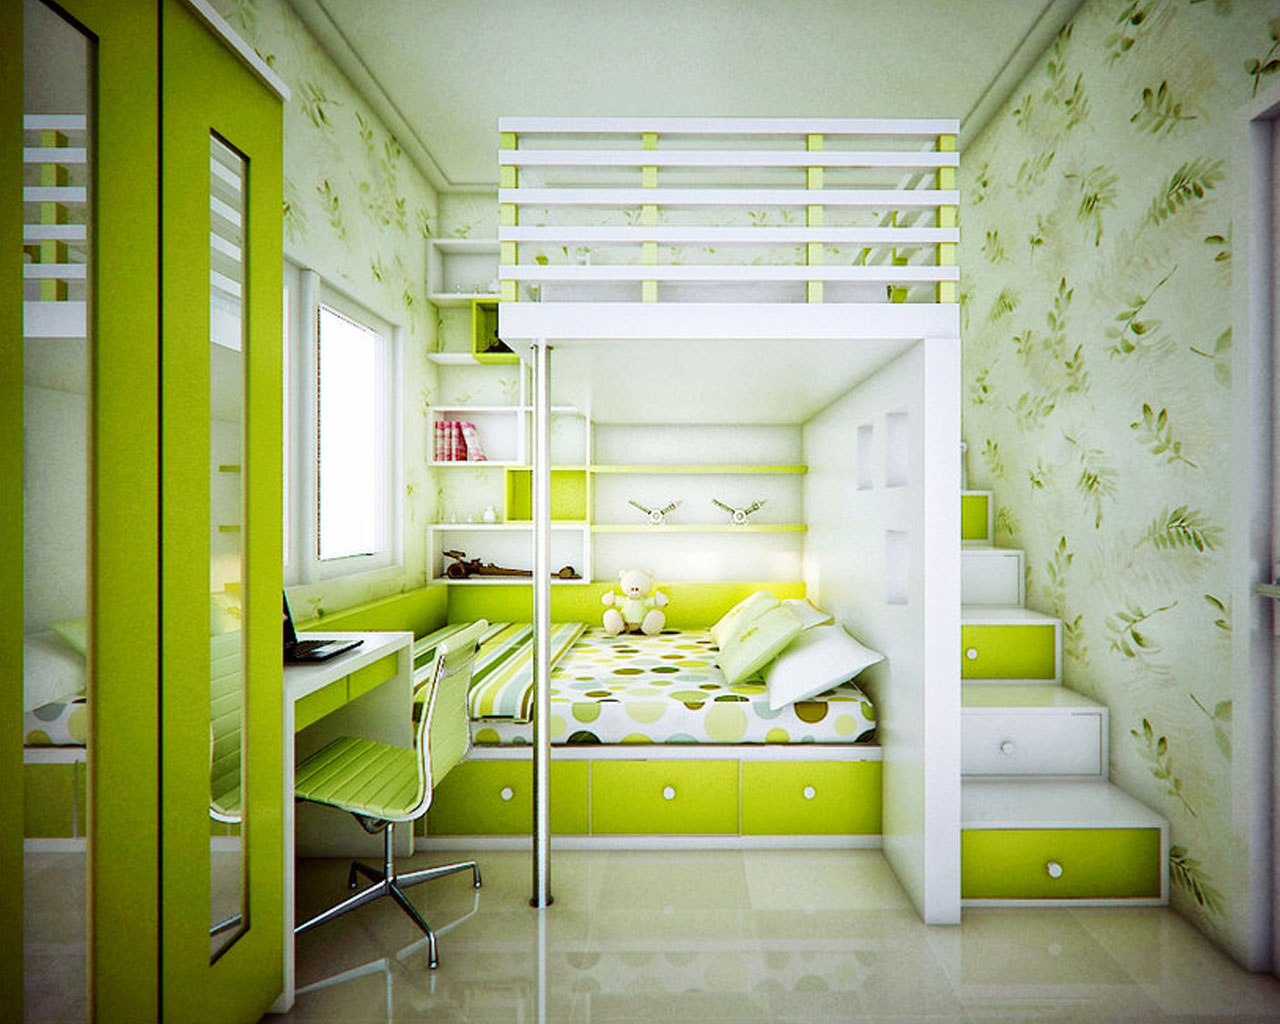 Дизайн для подростка комнаты маленького размера